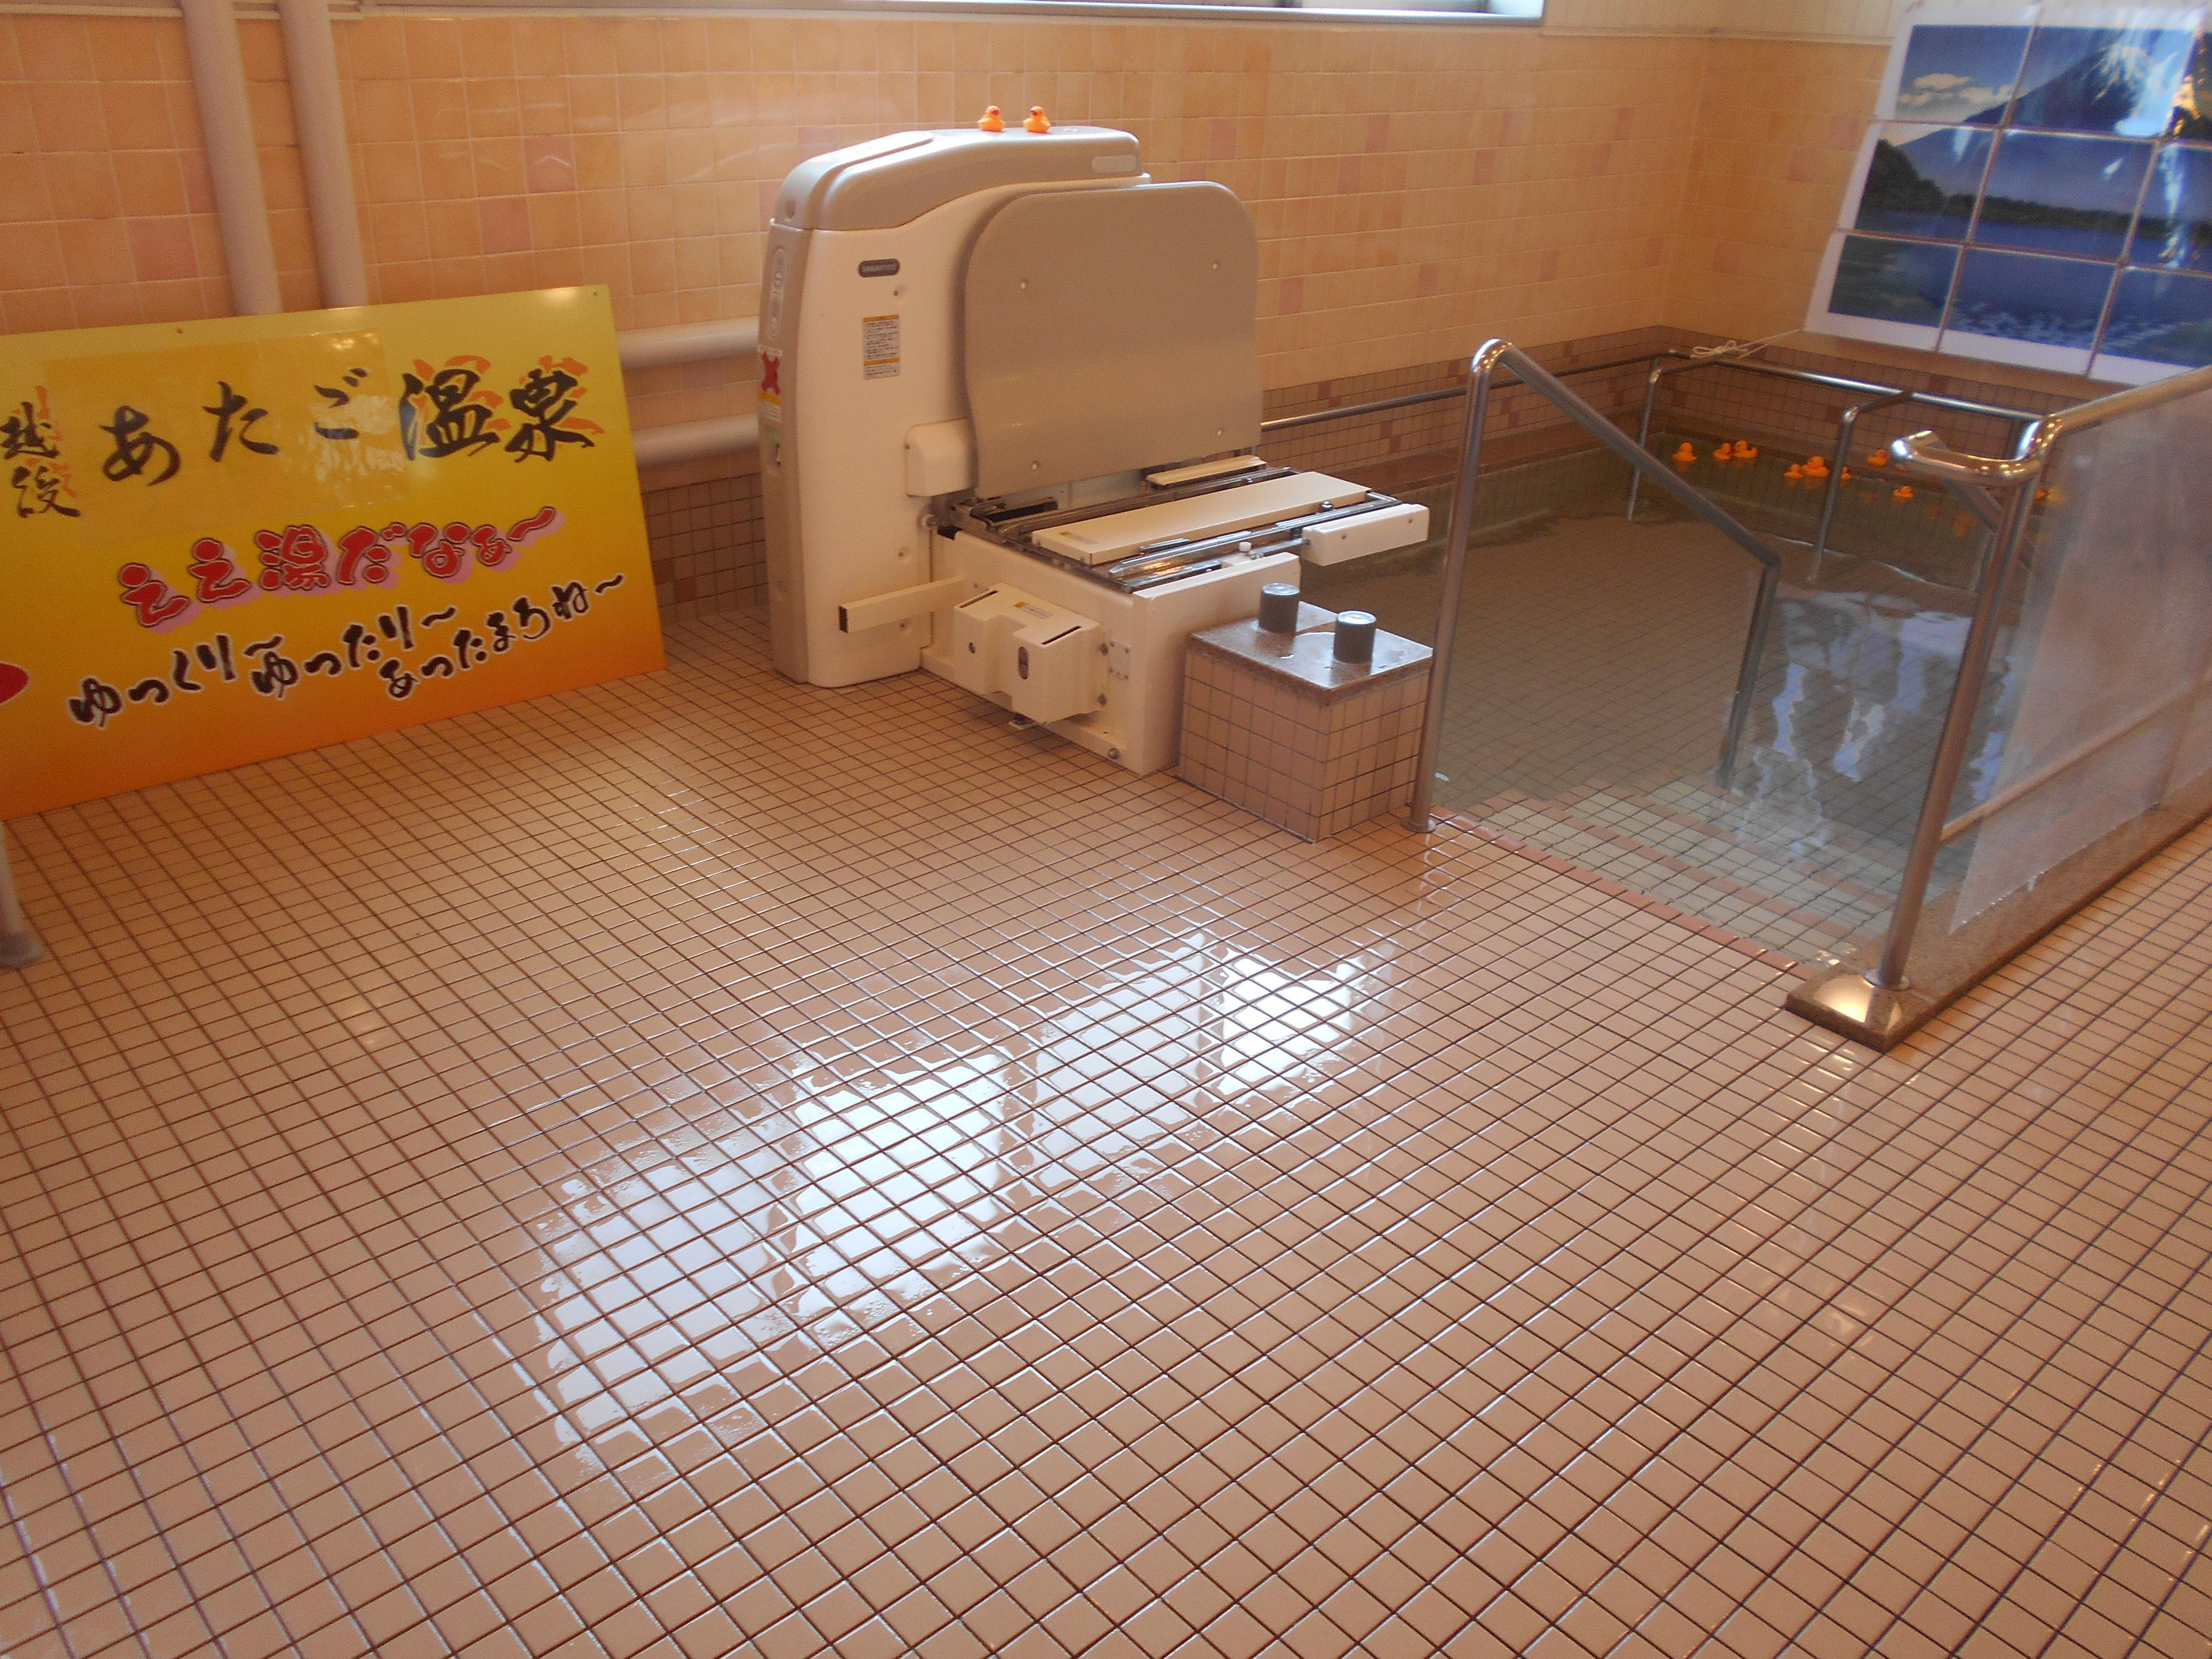 毎月26日は、【風呂の日♨】(*^-^*)‼